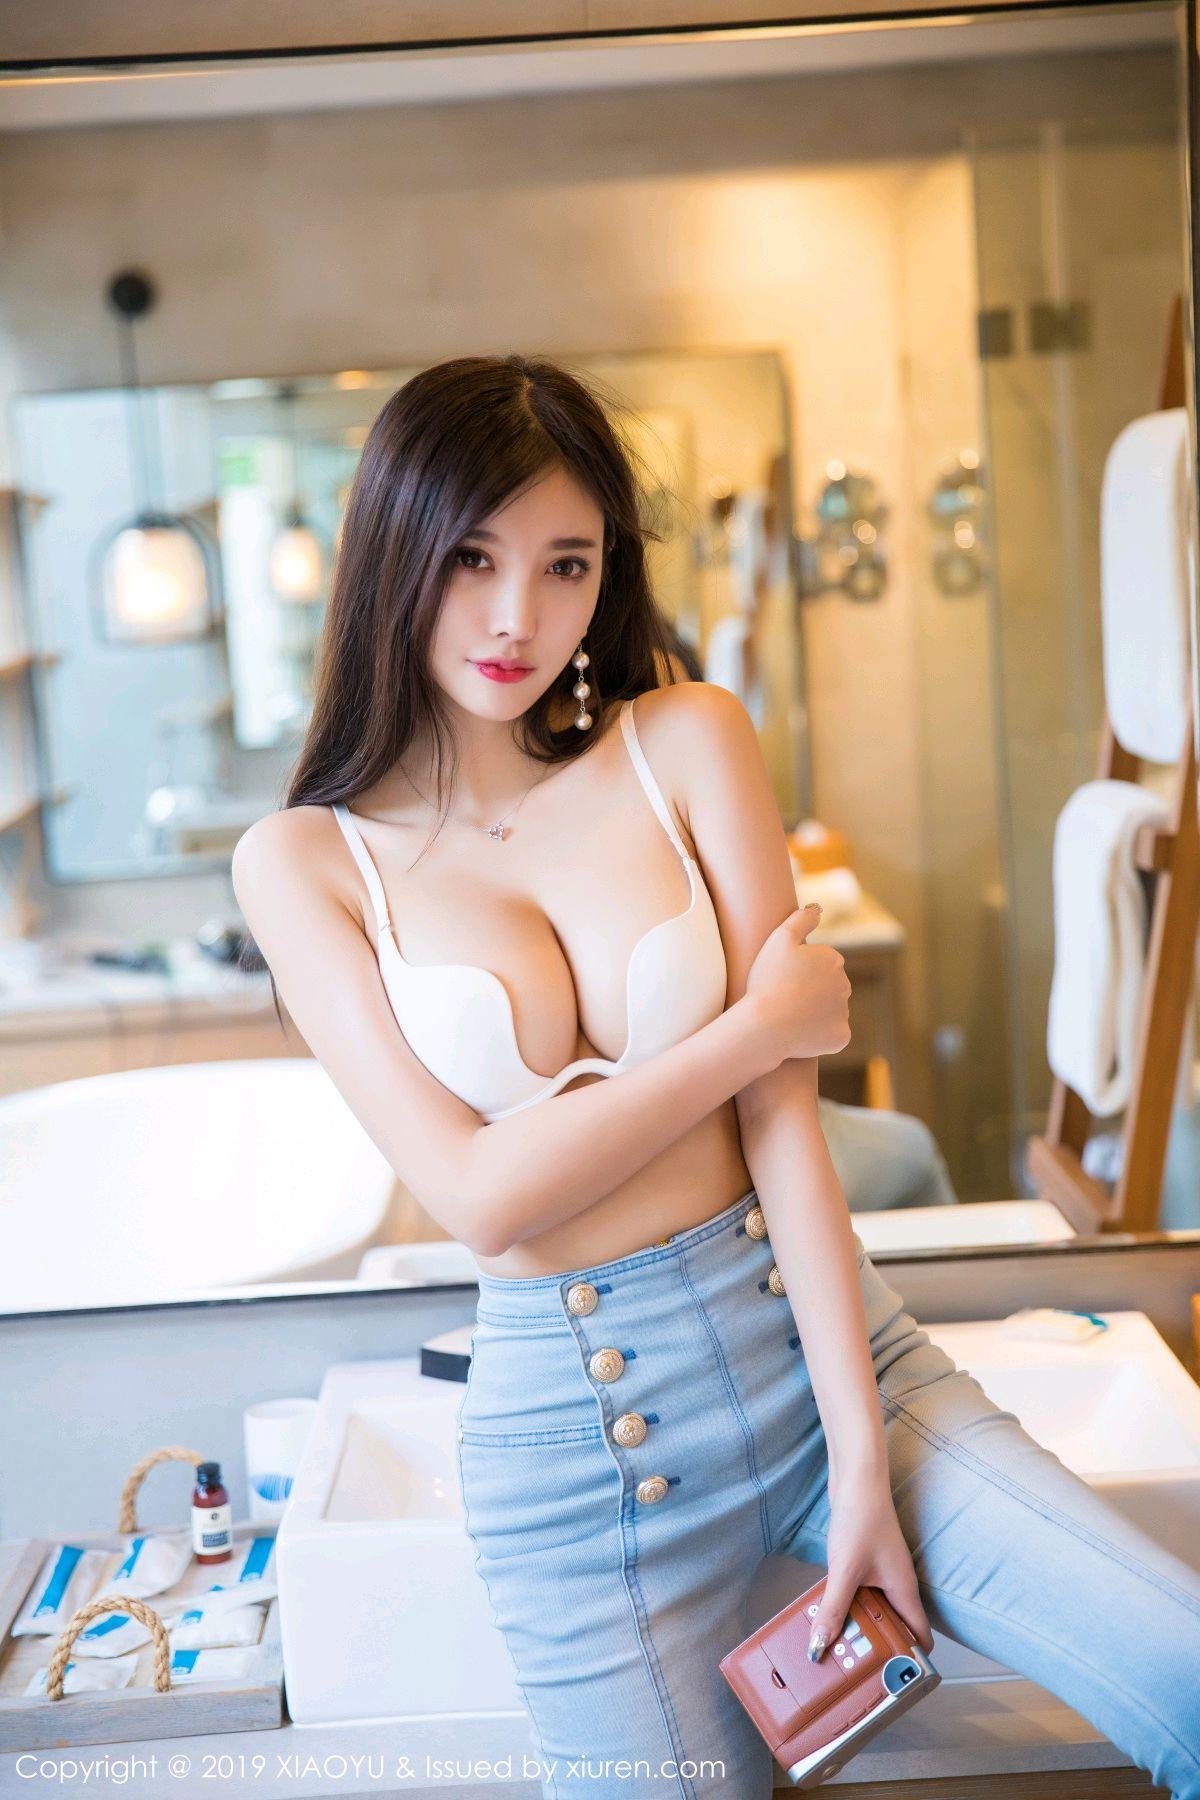 [XiaoYu] Vol.084 Yang Chen Chen 13P, Underwear, XiaoYu, Yang Chen Chen